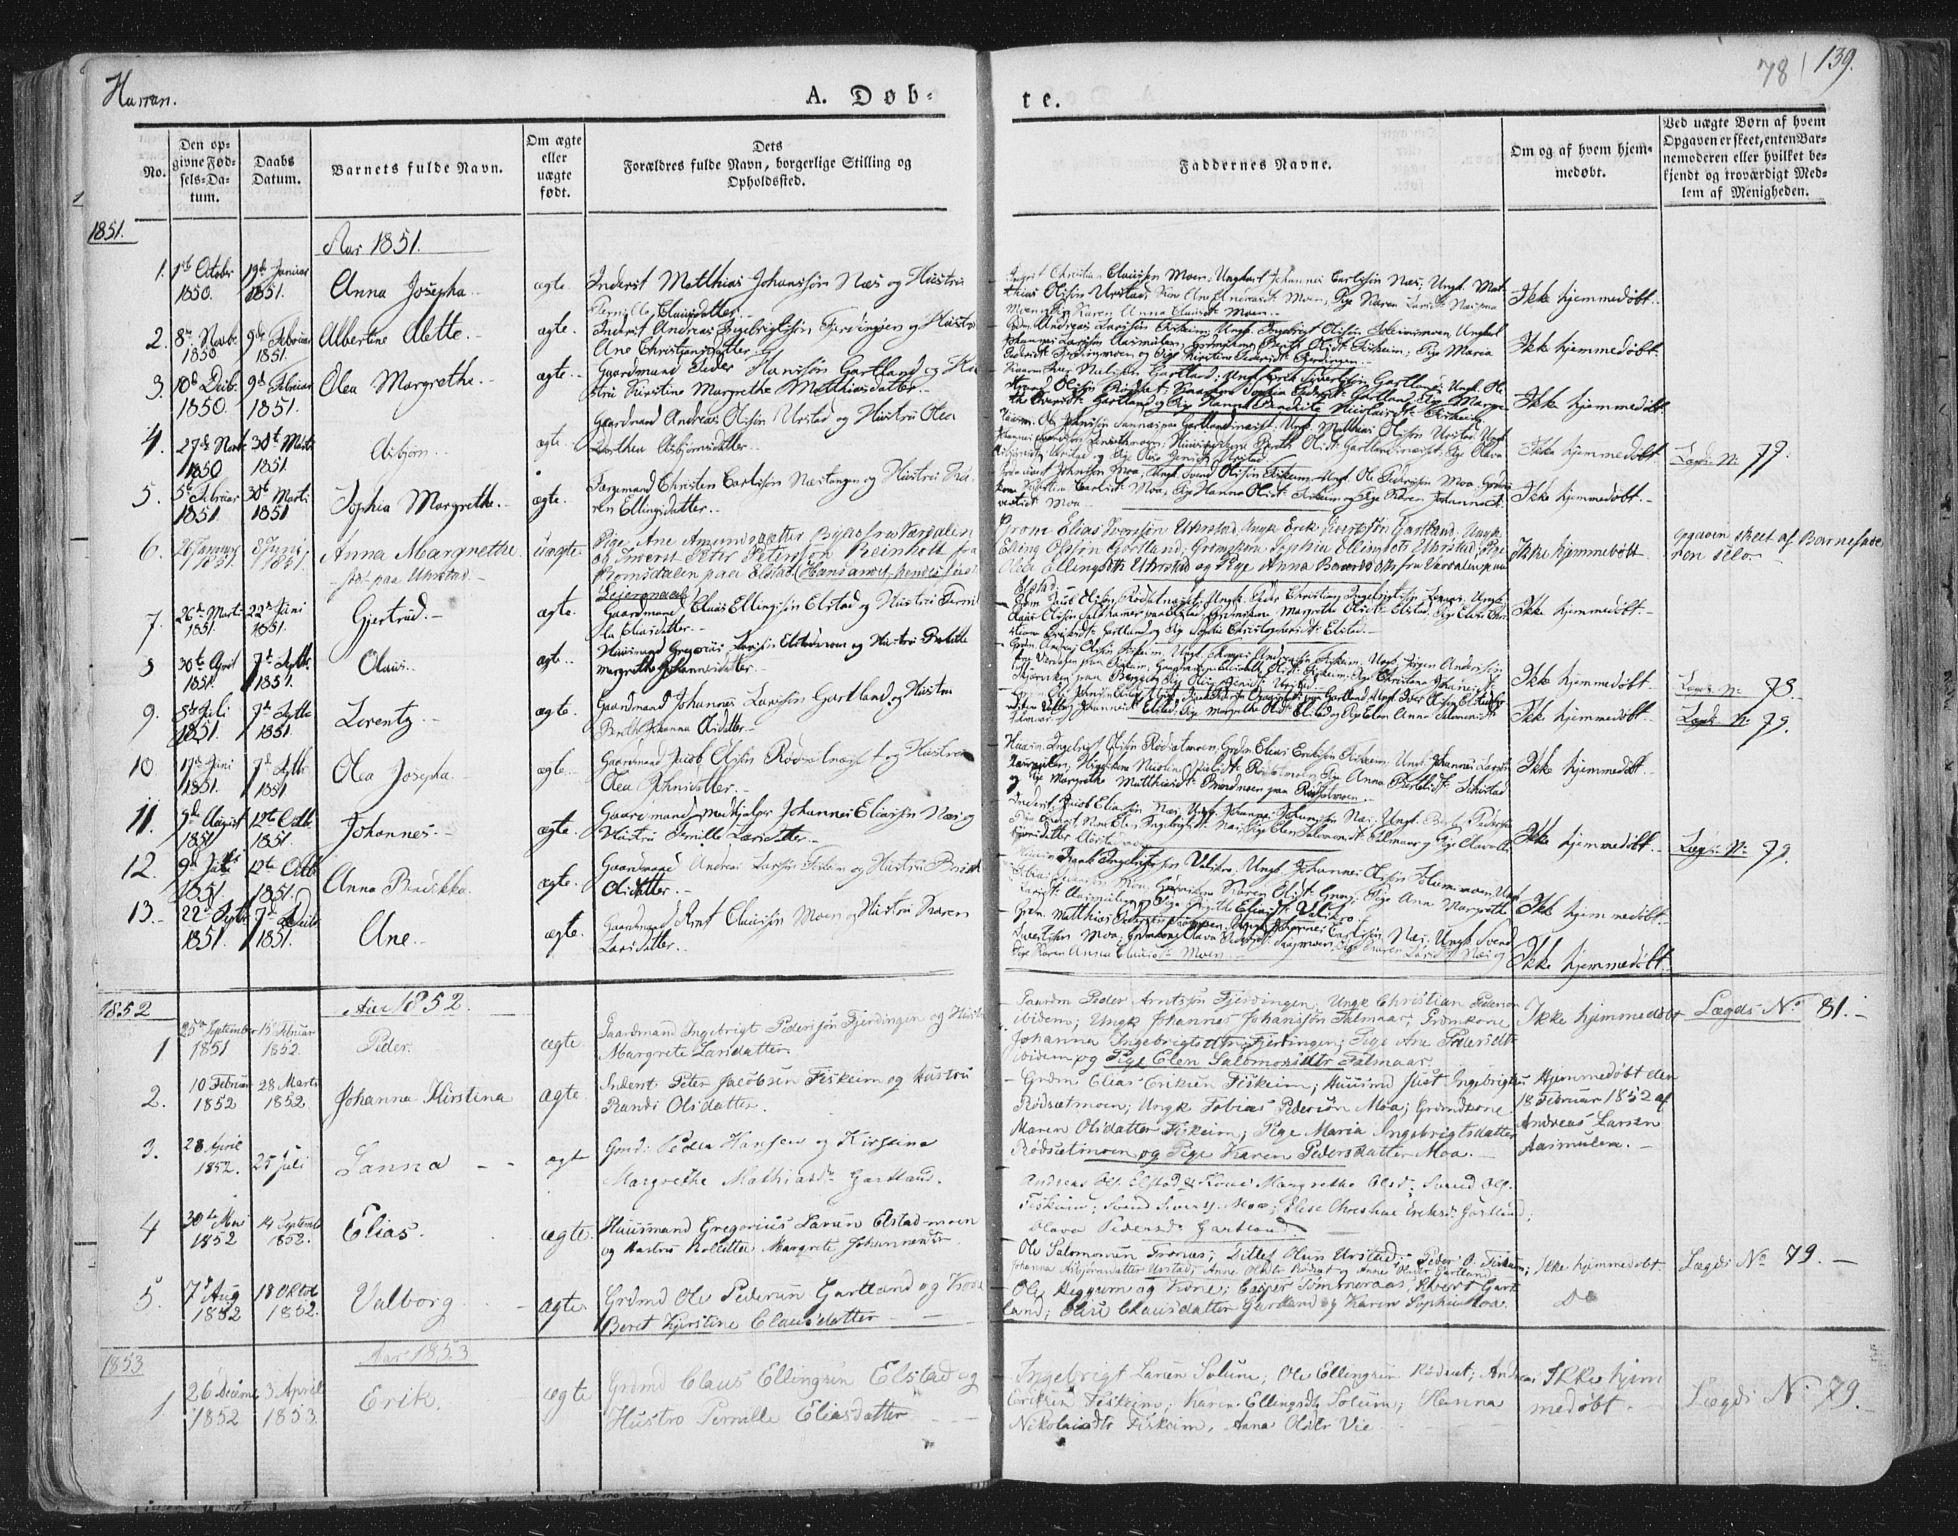 SAT, Ministerialprotokoller, klokkerbøker og fødselsregistre - Nord-Trøndelag, 758/L0513: Ministerialbok nr. 758A02 /3, 1839-1868, s. 78